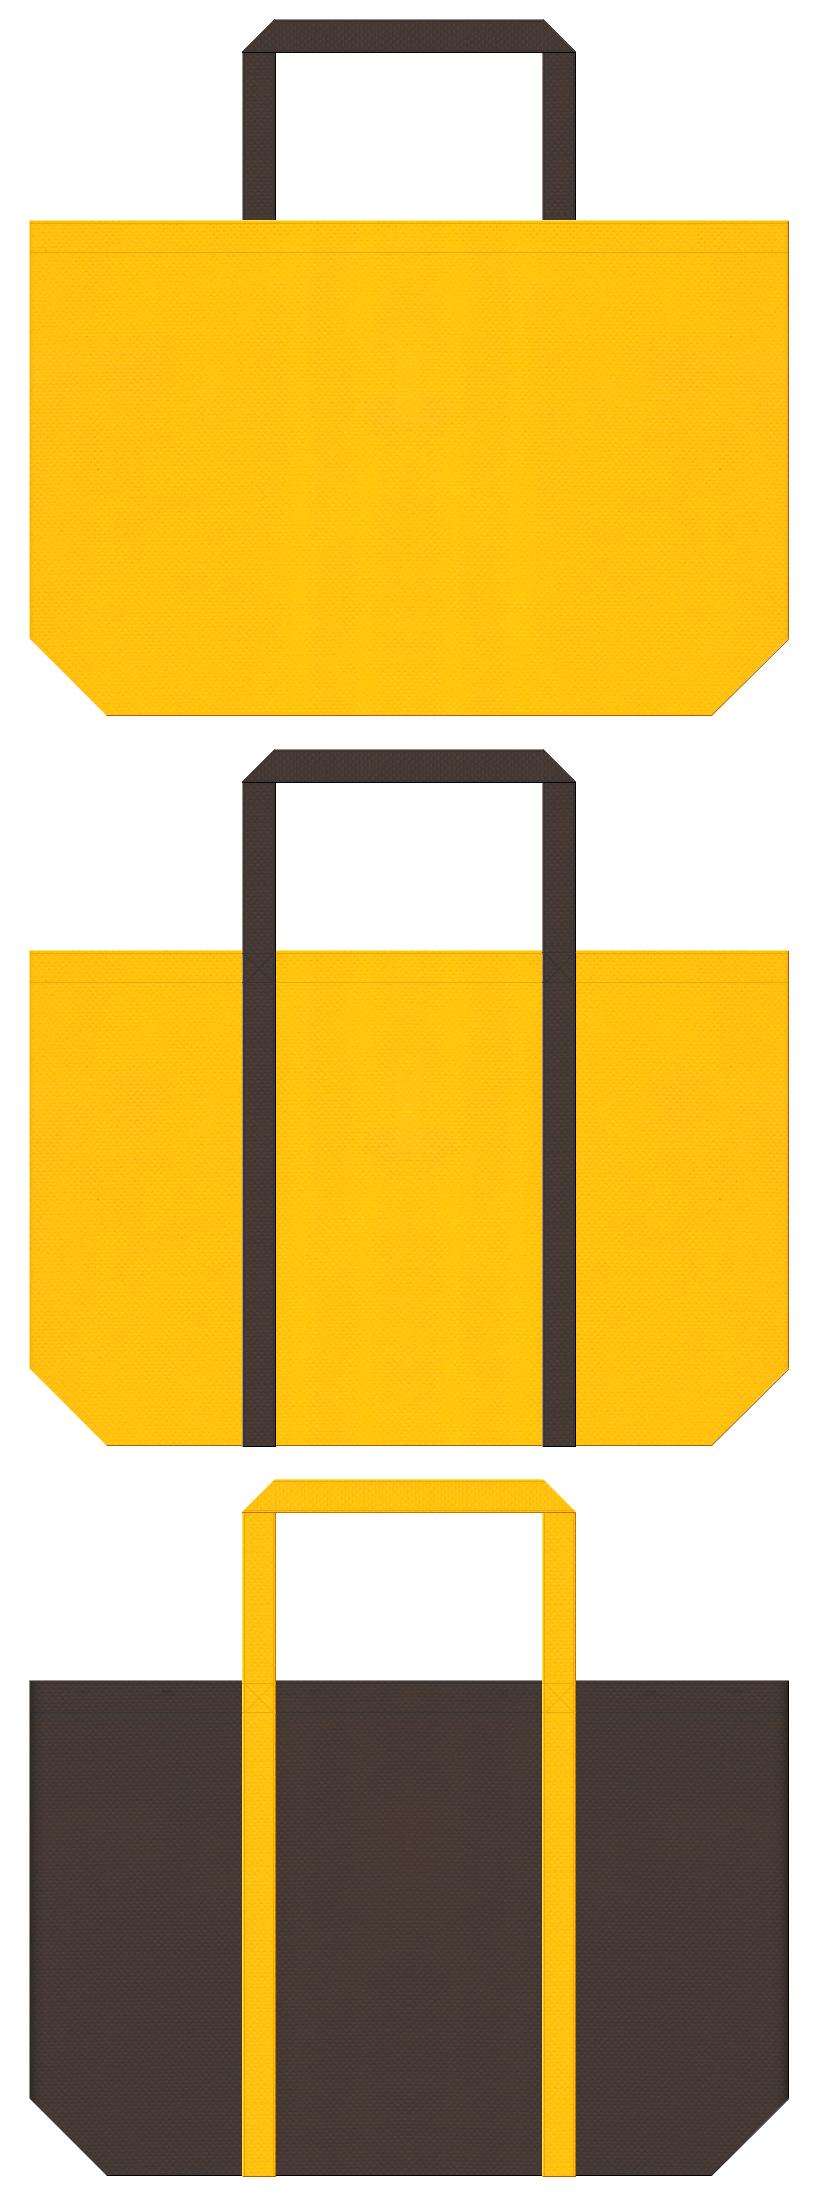 黄色とこげ茶色の不織布バッグデザイン。キャンプ・アウトドア用品・はちみつ製品のショッピングバッグにお奨めです。